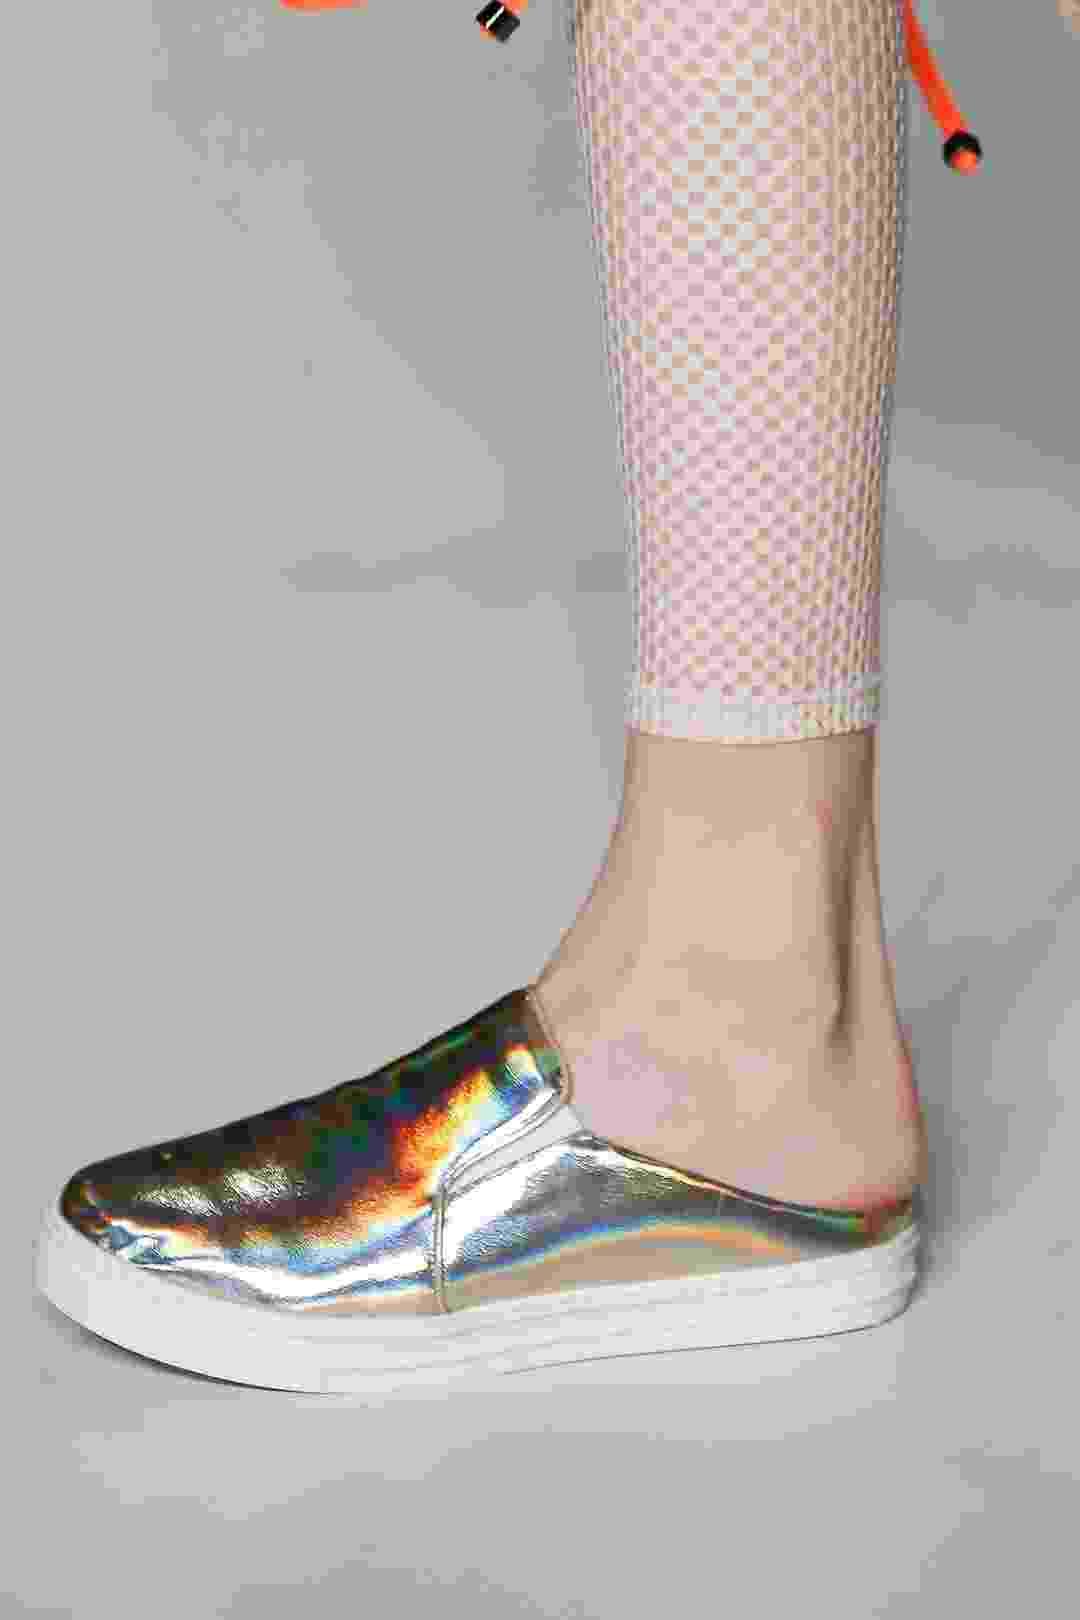 Sapatos SPFW N42 - Memo - Alexandre Schneider/UOL